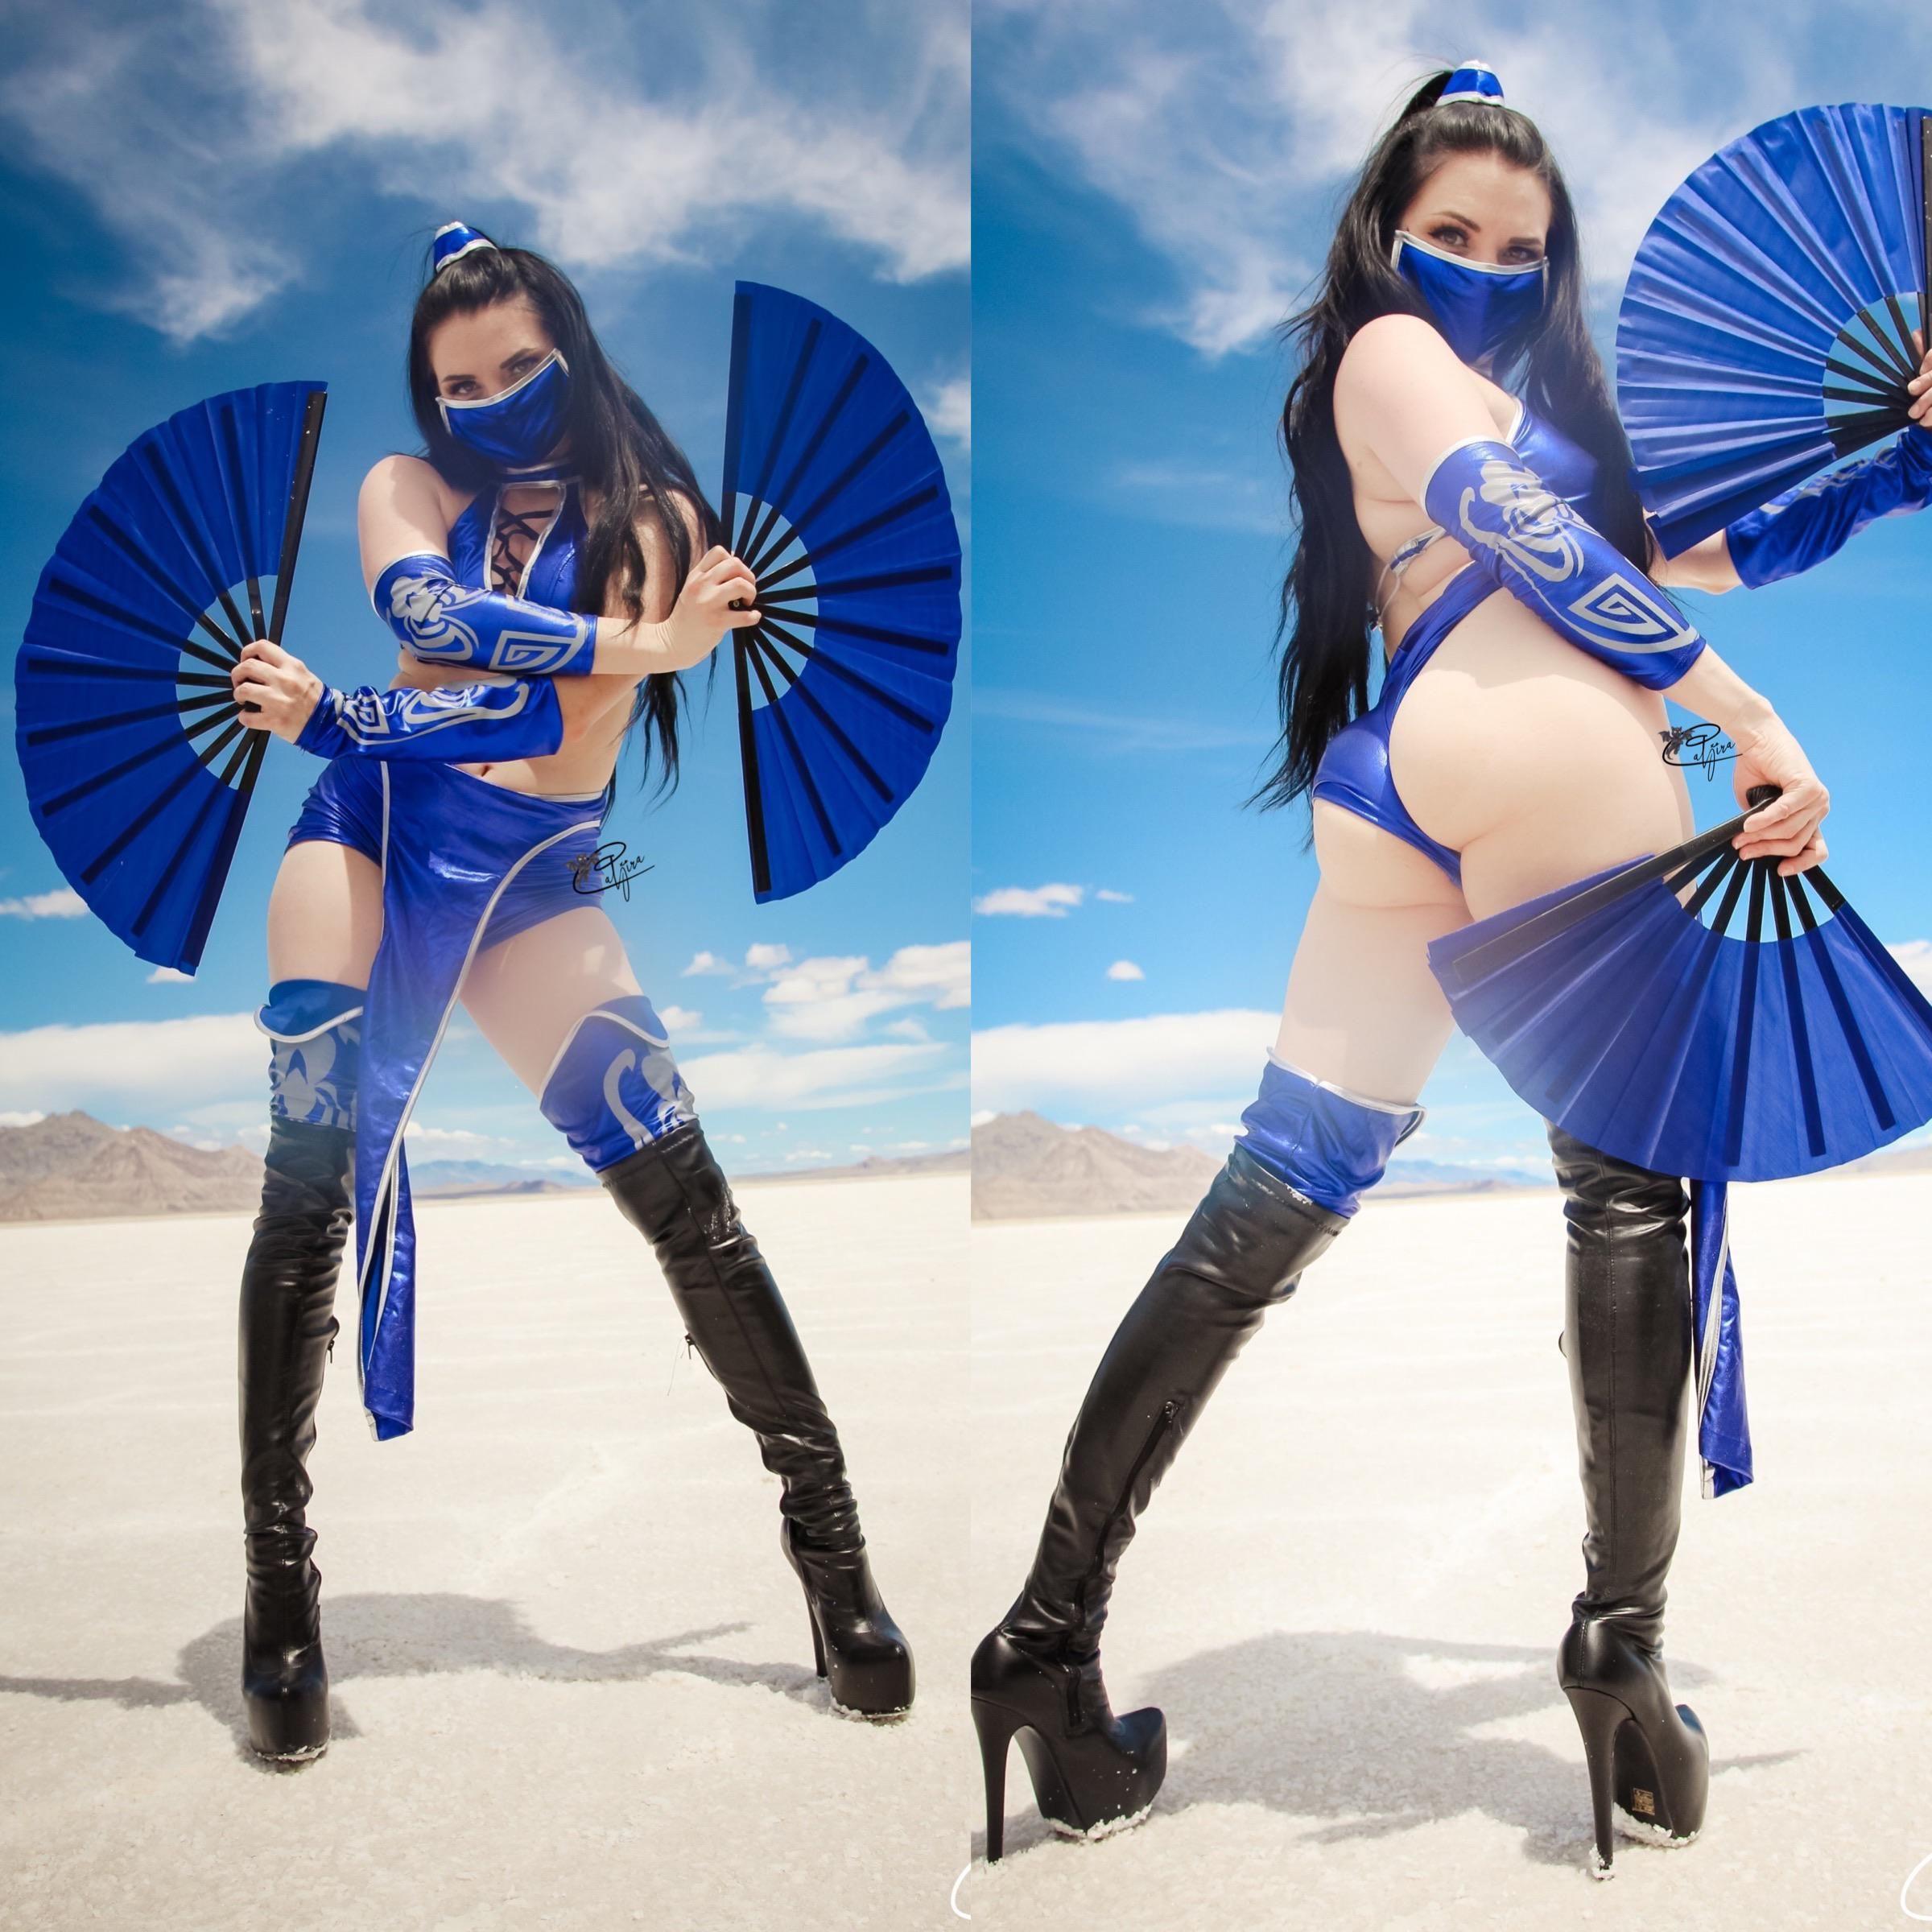 Kitana cosplay   Sexy cosplay, Hot cosplay